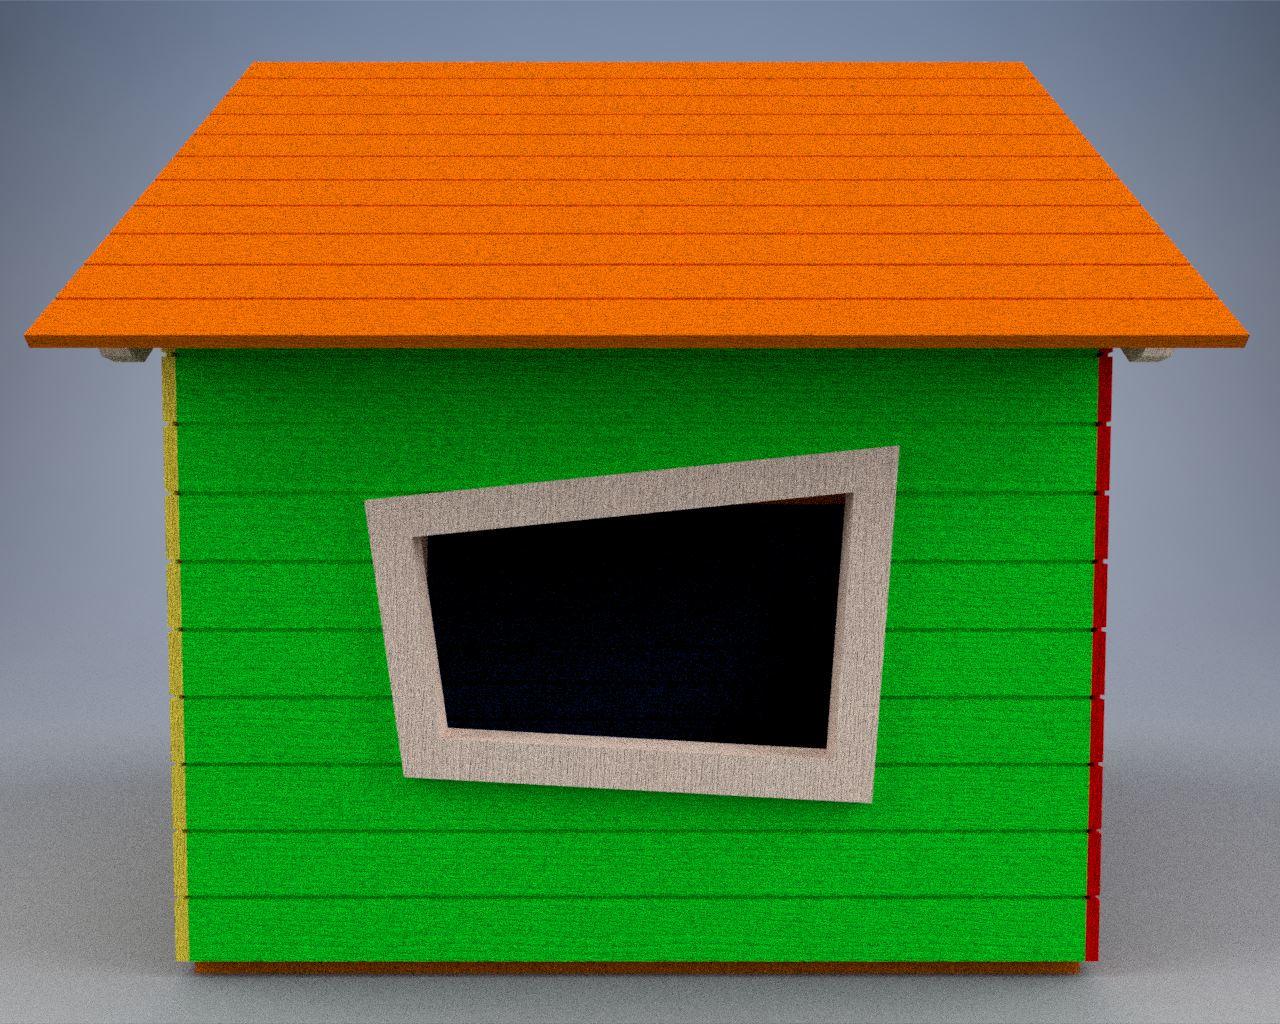 Огляд меблів для дерев'яного дитячого будиночка